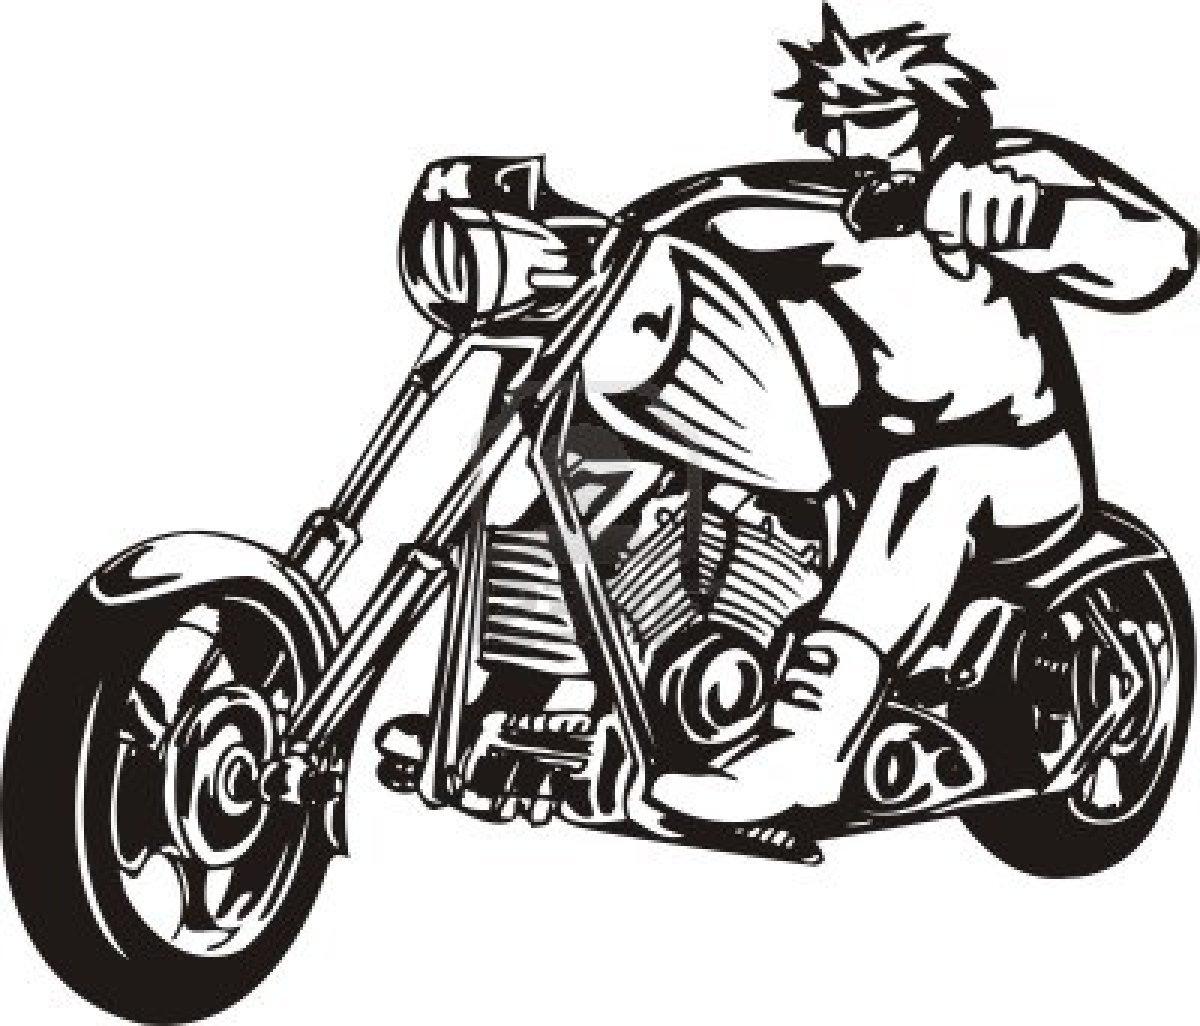 Harley Davidson clipart harley davison Collection Clipart davidson  vector